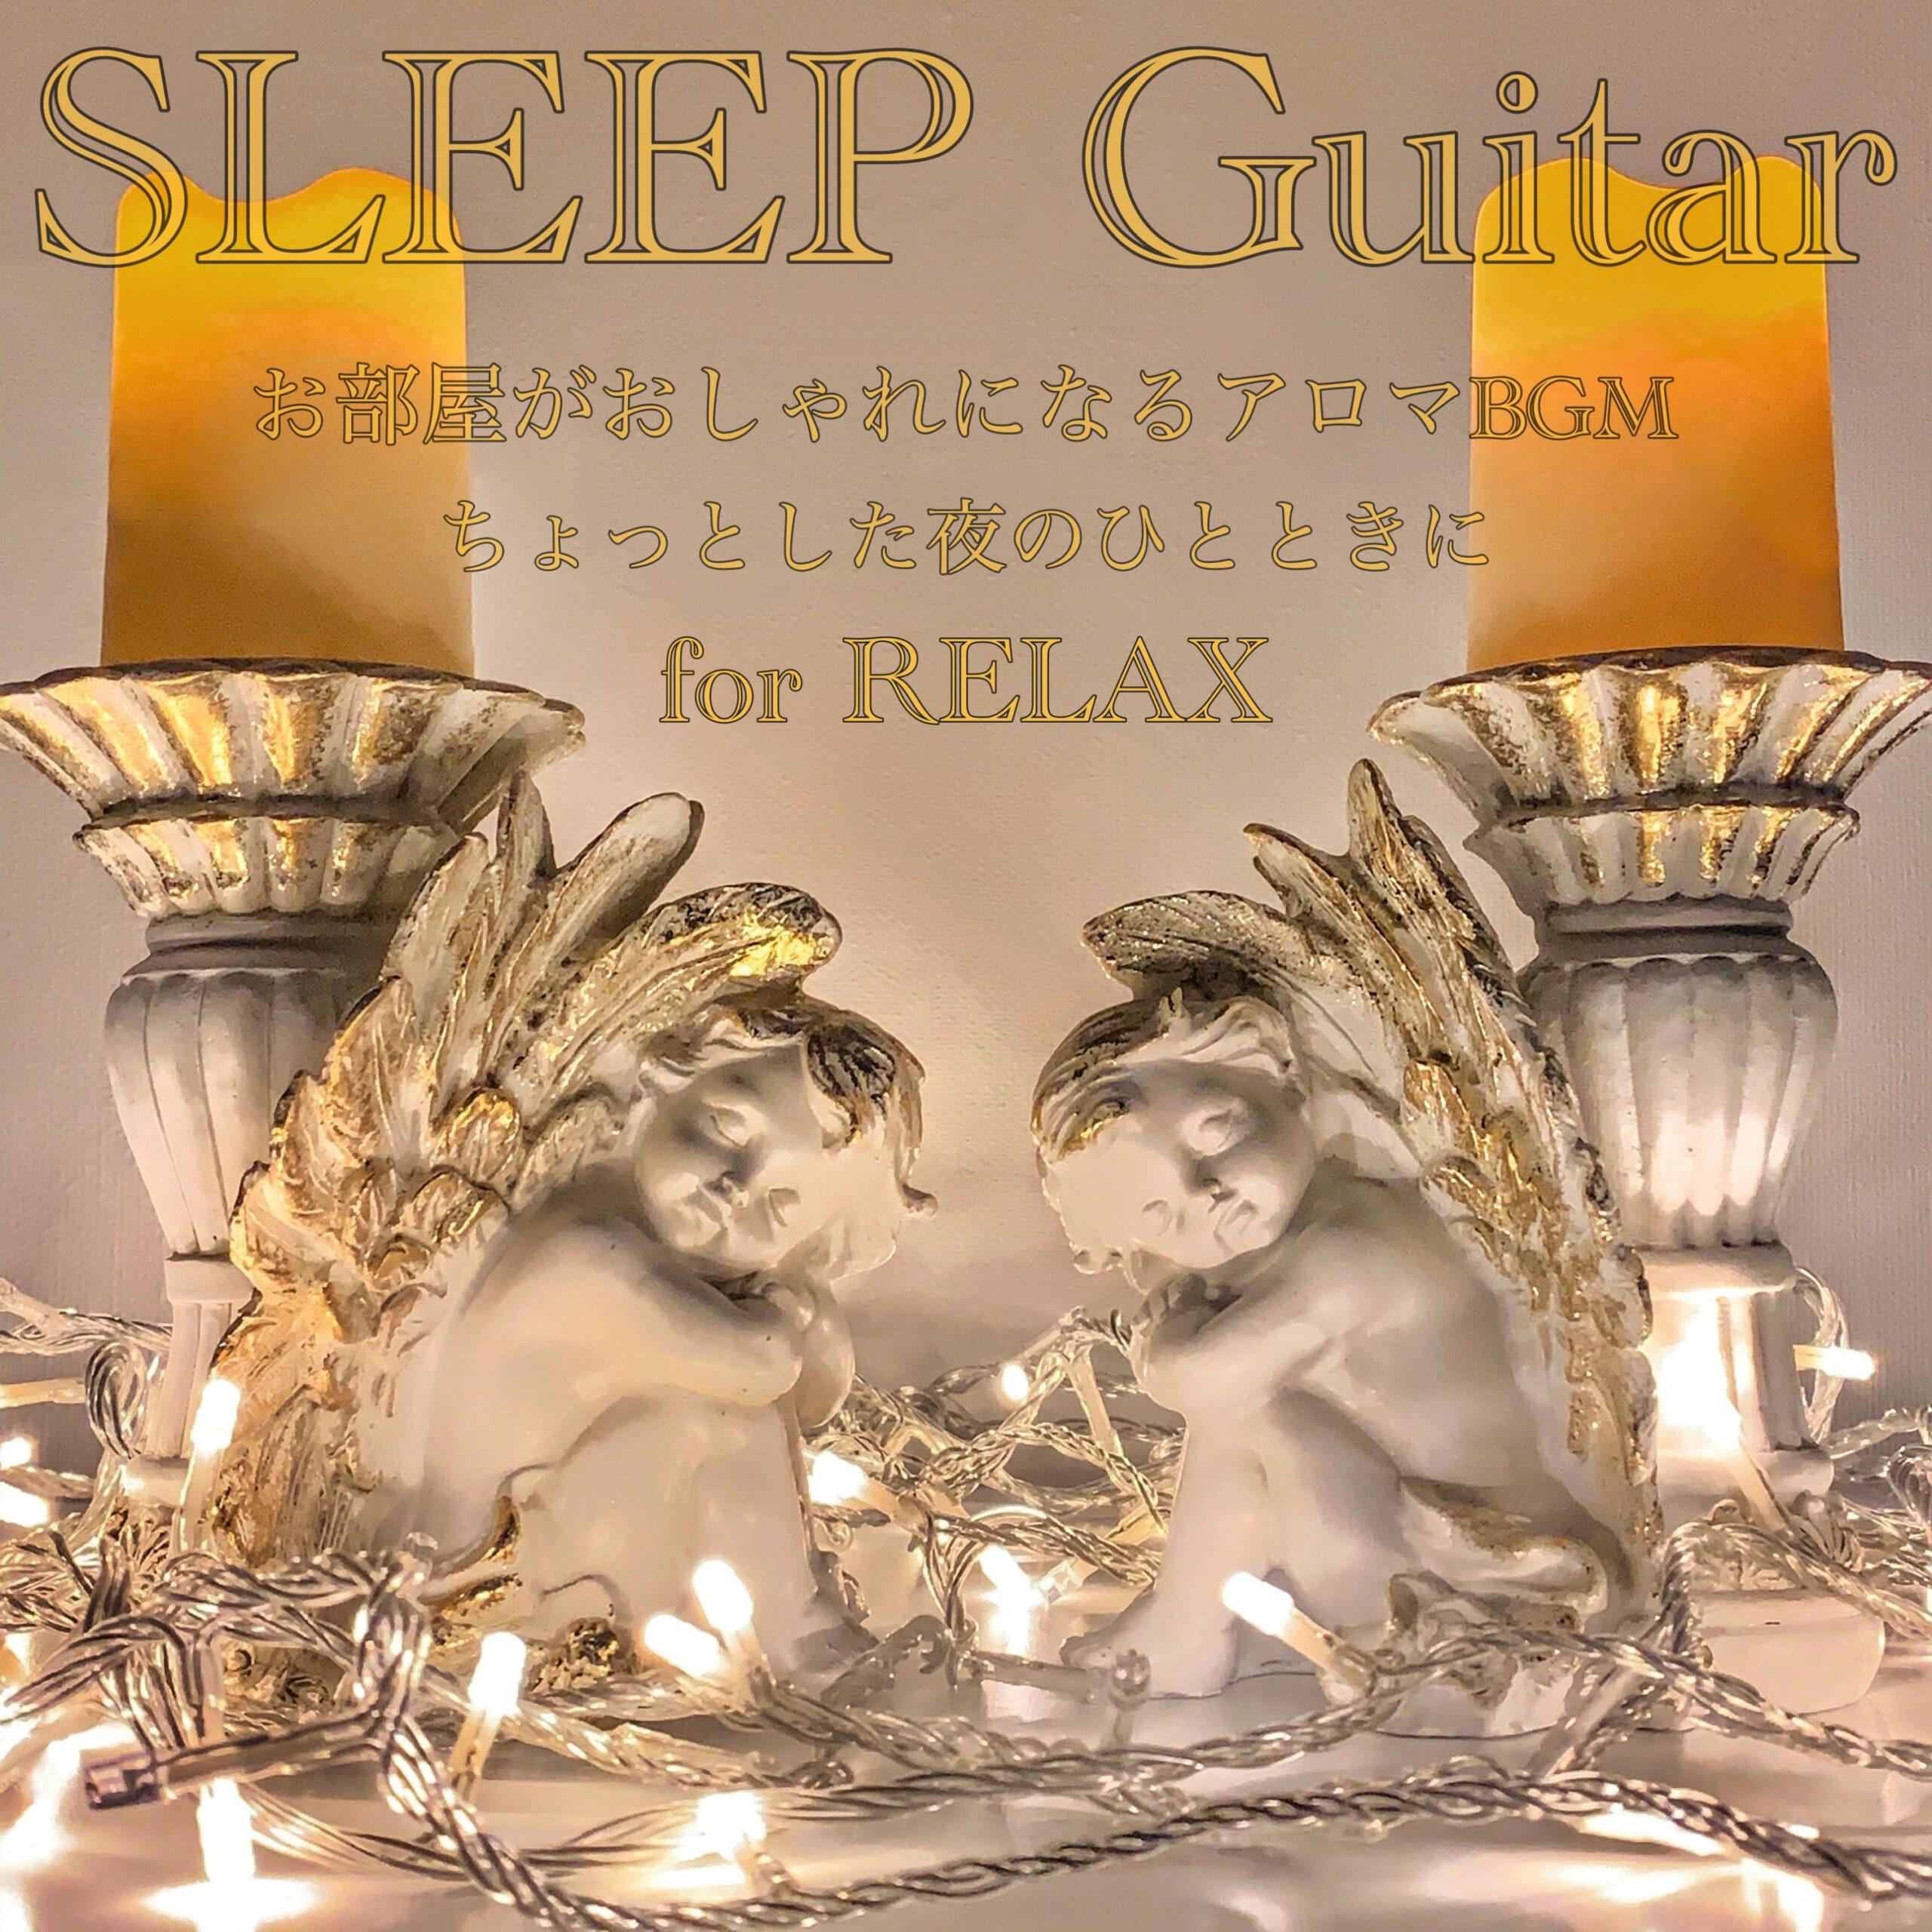 SLEEP Guitar  お部屋がおしゃれになるアロマBGM  ちょっとした夜のひとときに for RELAX